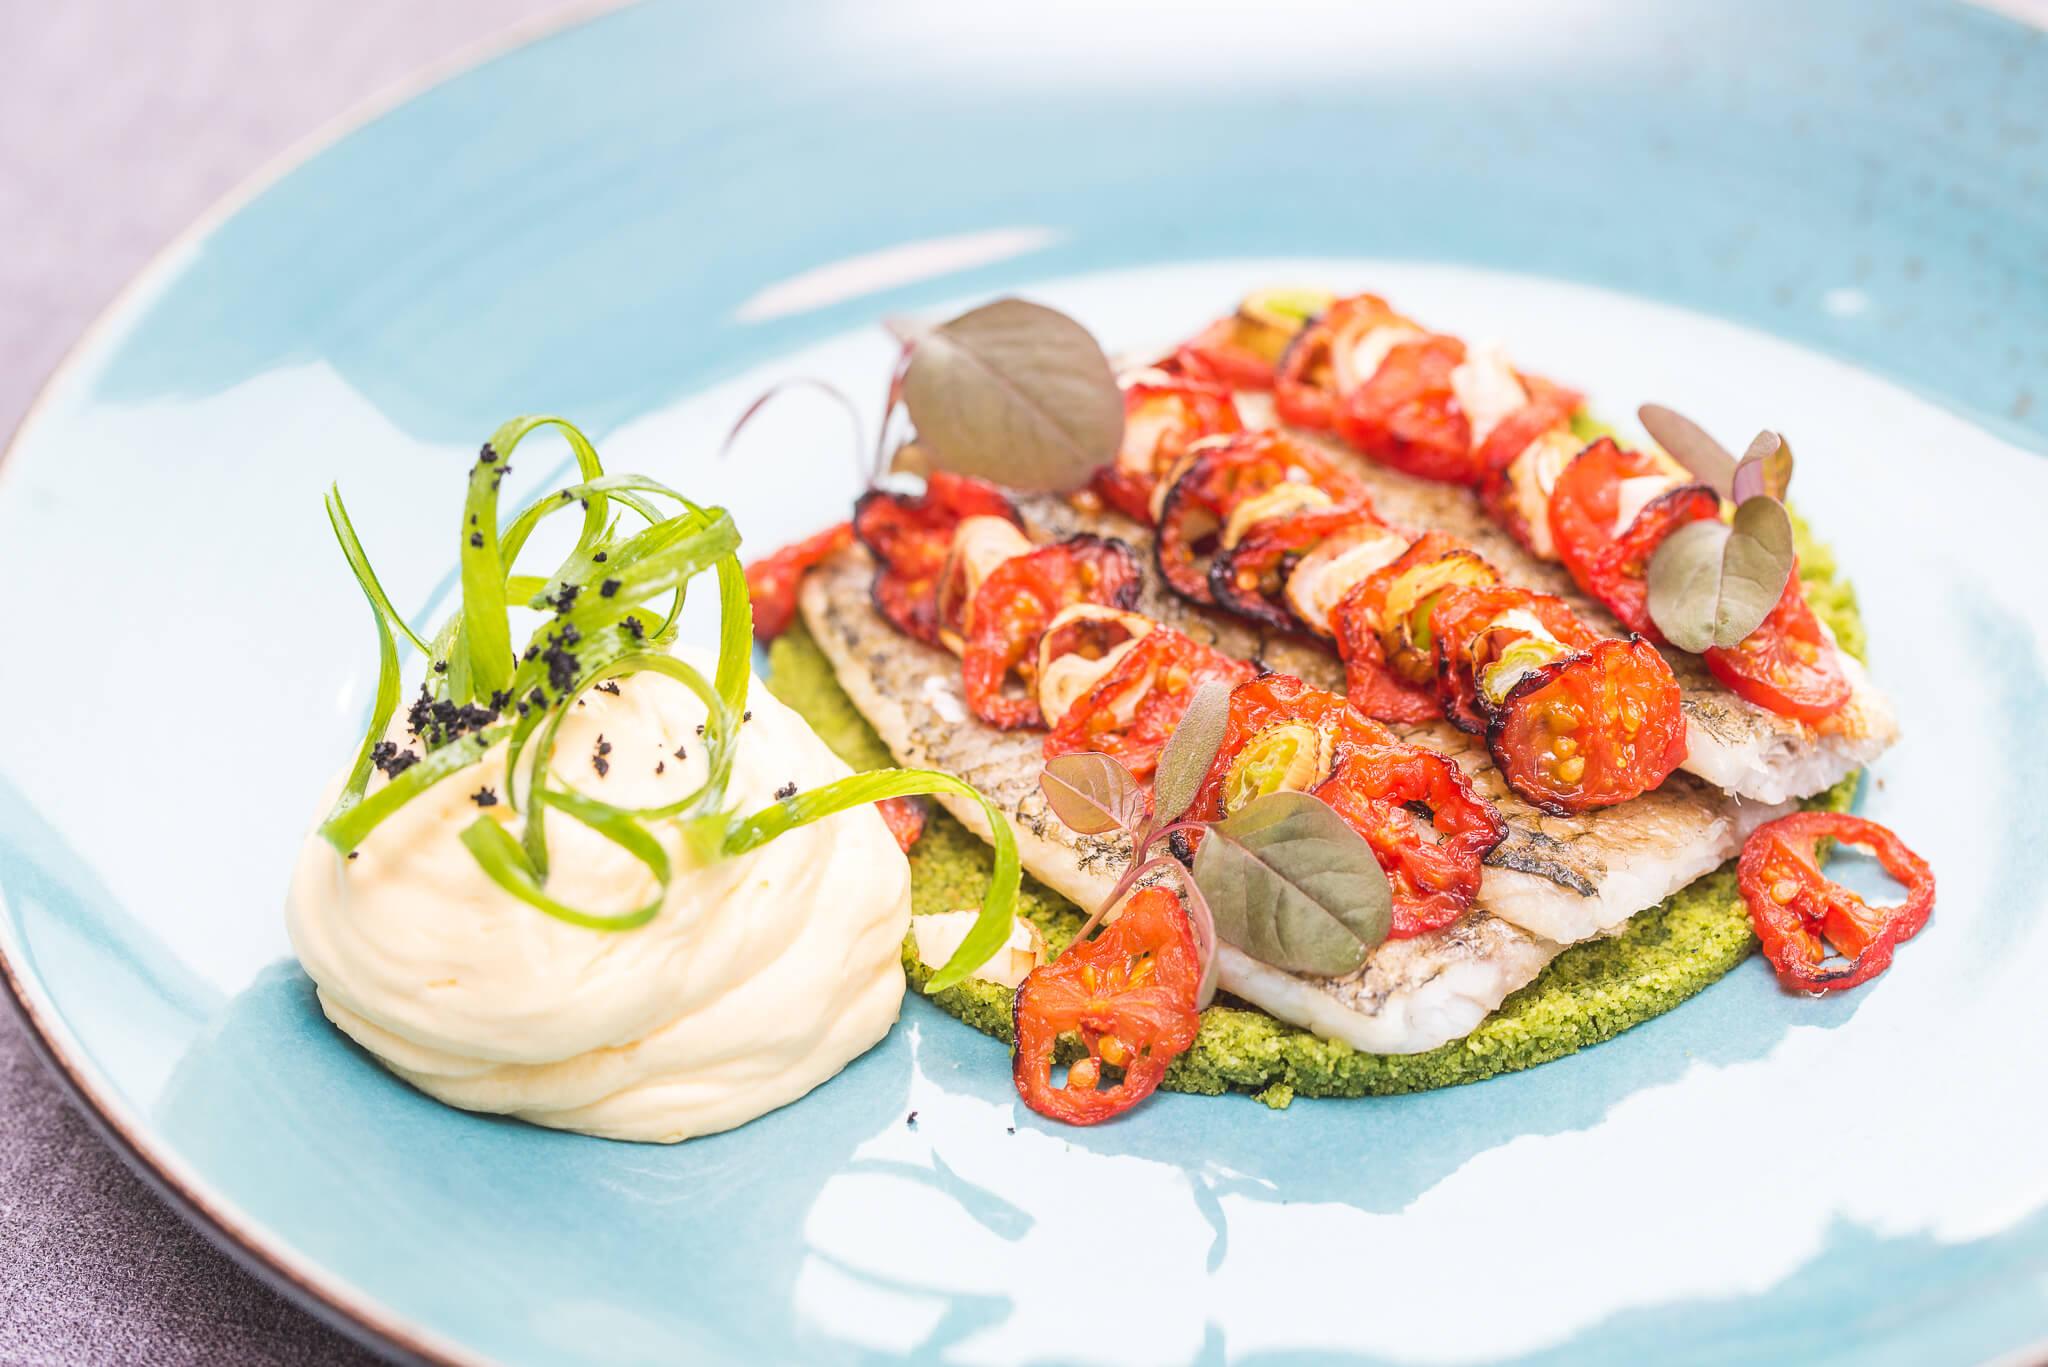 ryby słodkowodne 11 - Szlachetny sandacz w pomorskich restauracjach